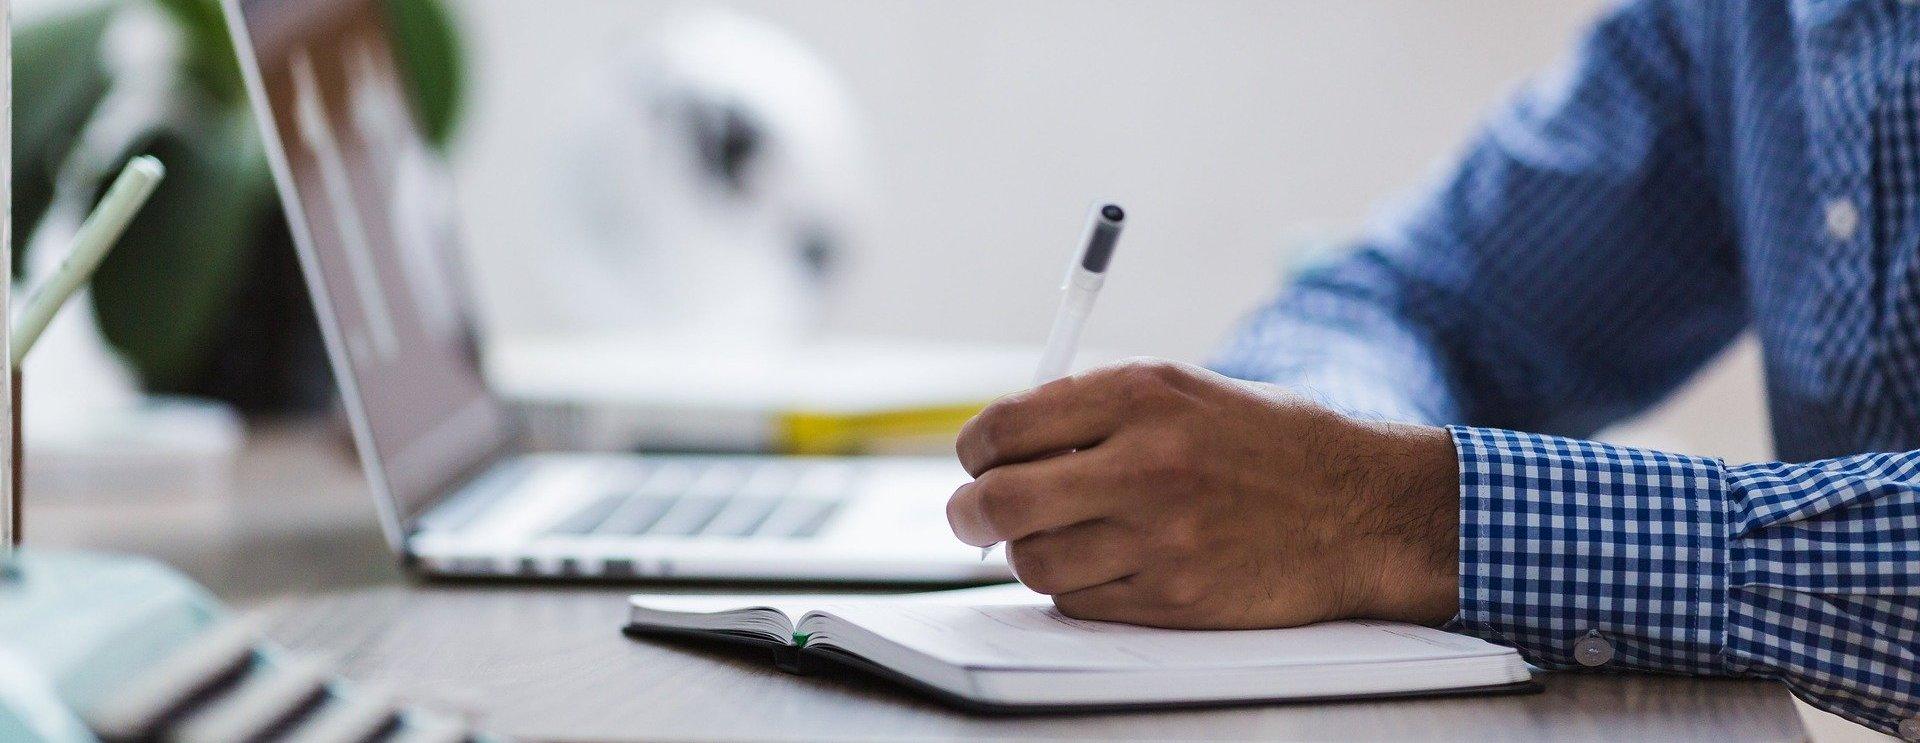 «ИЭОС» увеличил на 17% затраты на исследования и разработку новой продукции компании с 2017 г.